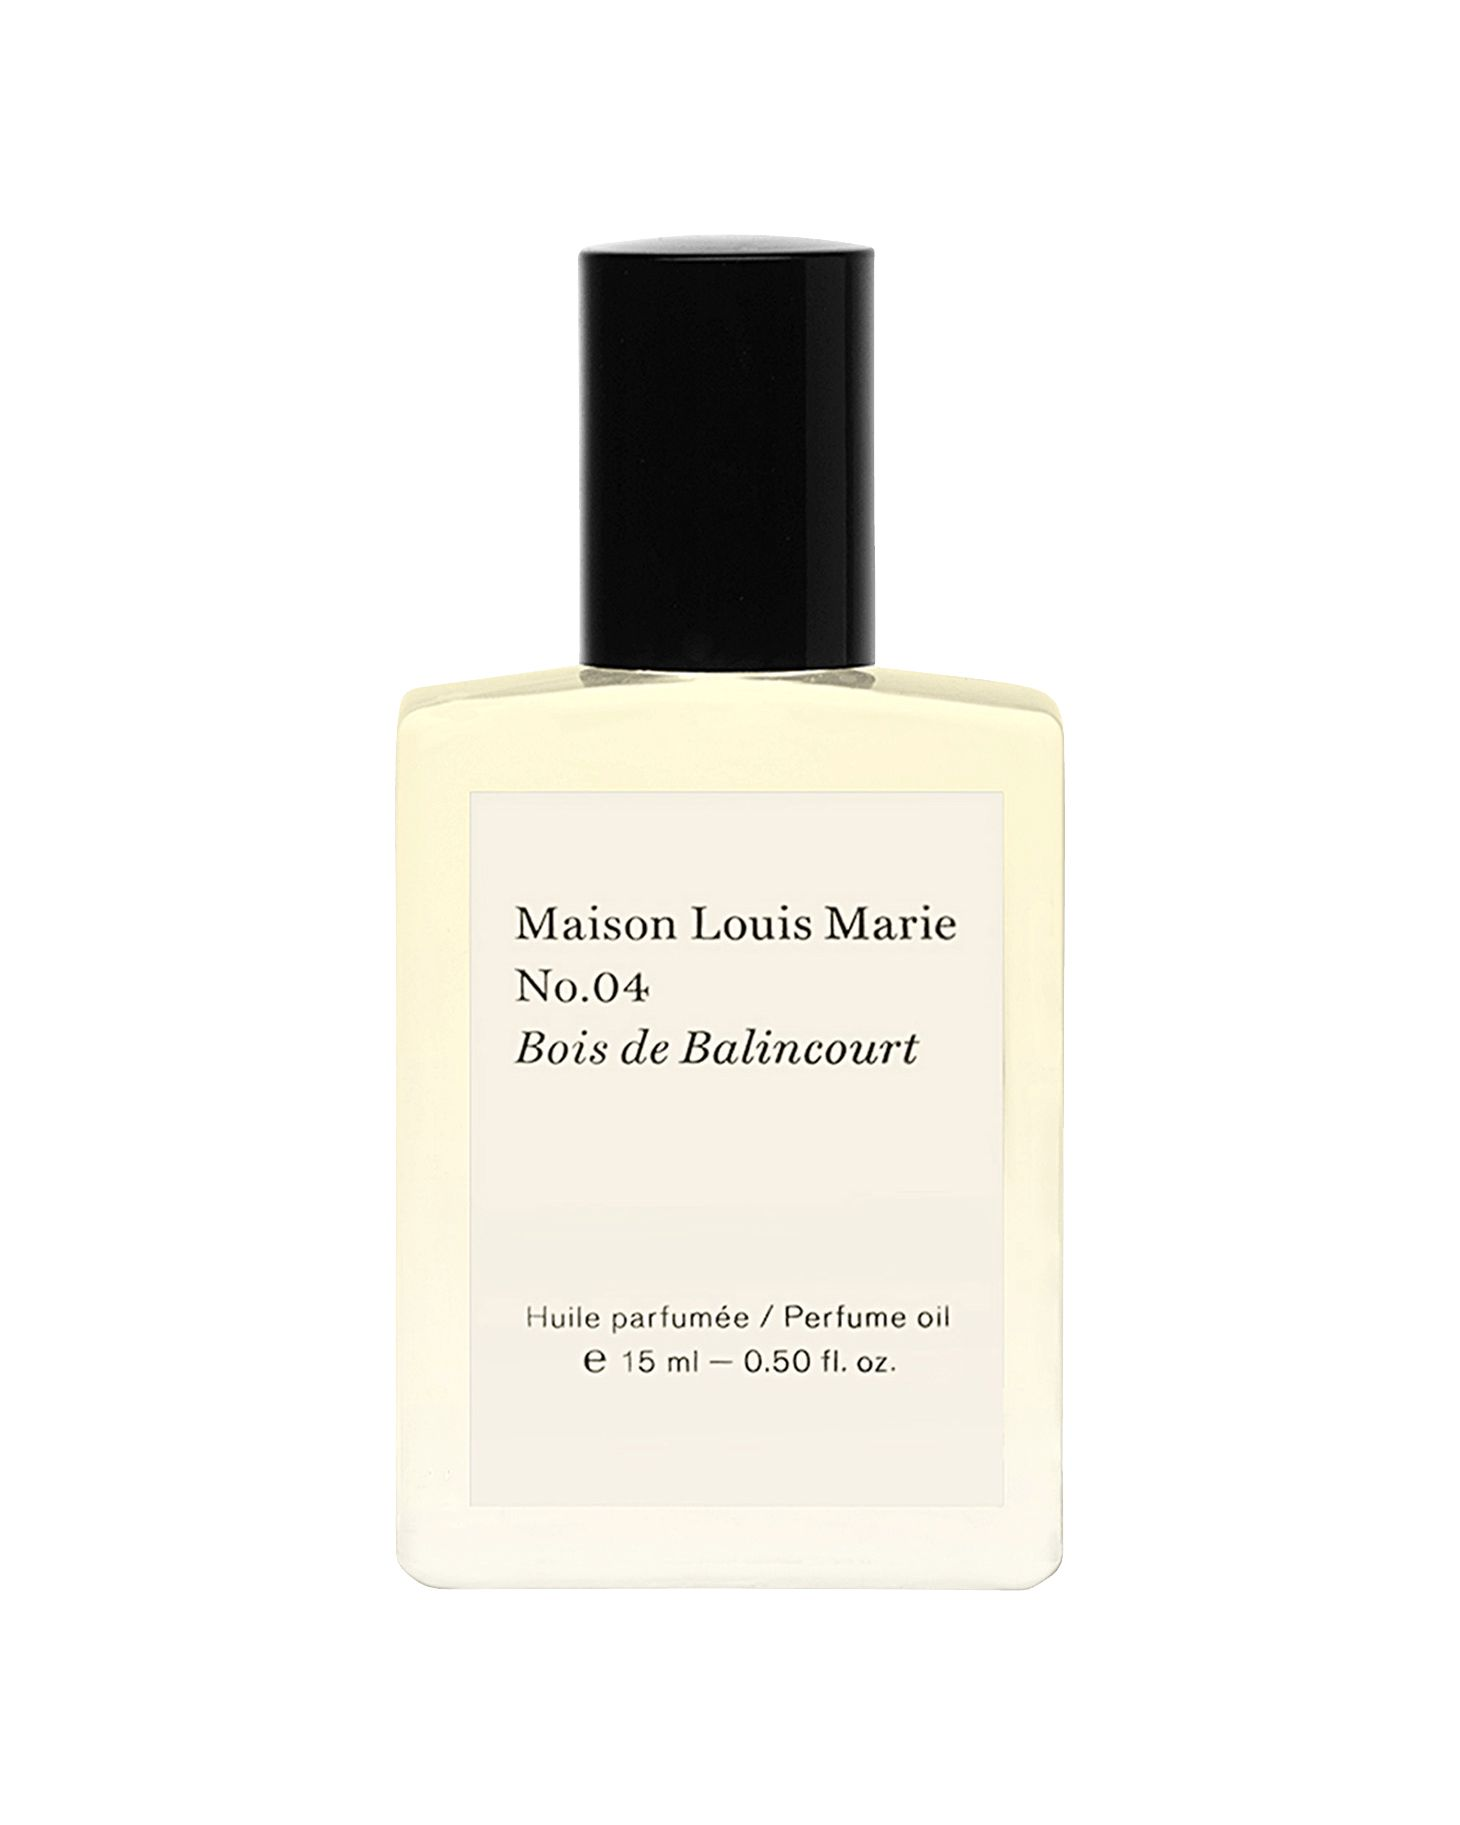 Maison Louis Marie No.04